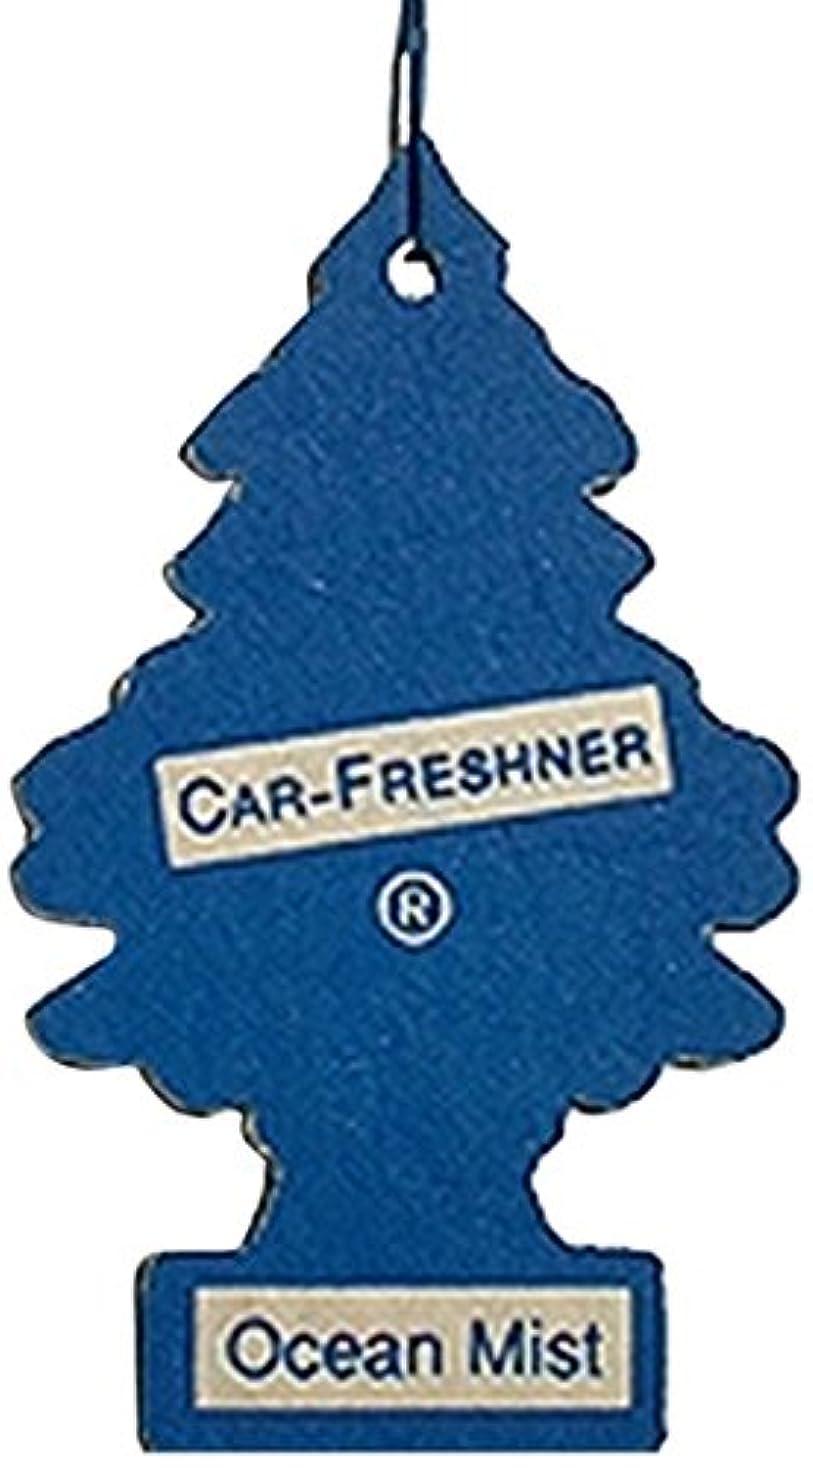 視力むちゃくちゃ列挙するLittle Trees 吊下げタイプ エアーフレッシュナー オーシャンミスト 5枚セット(5P)